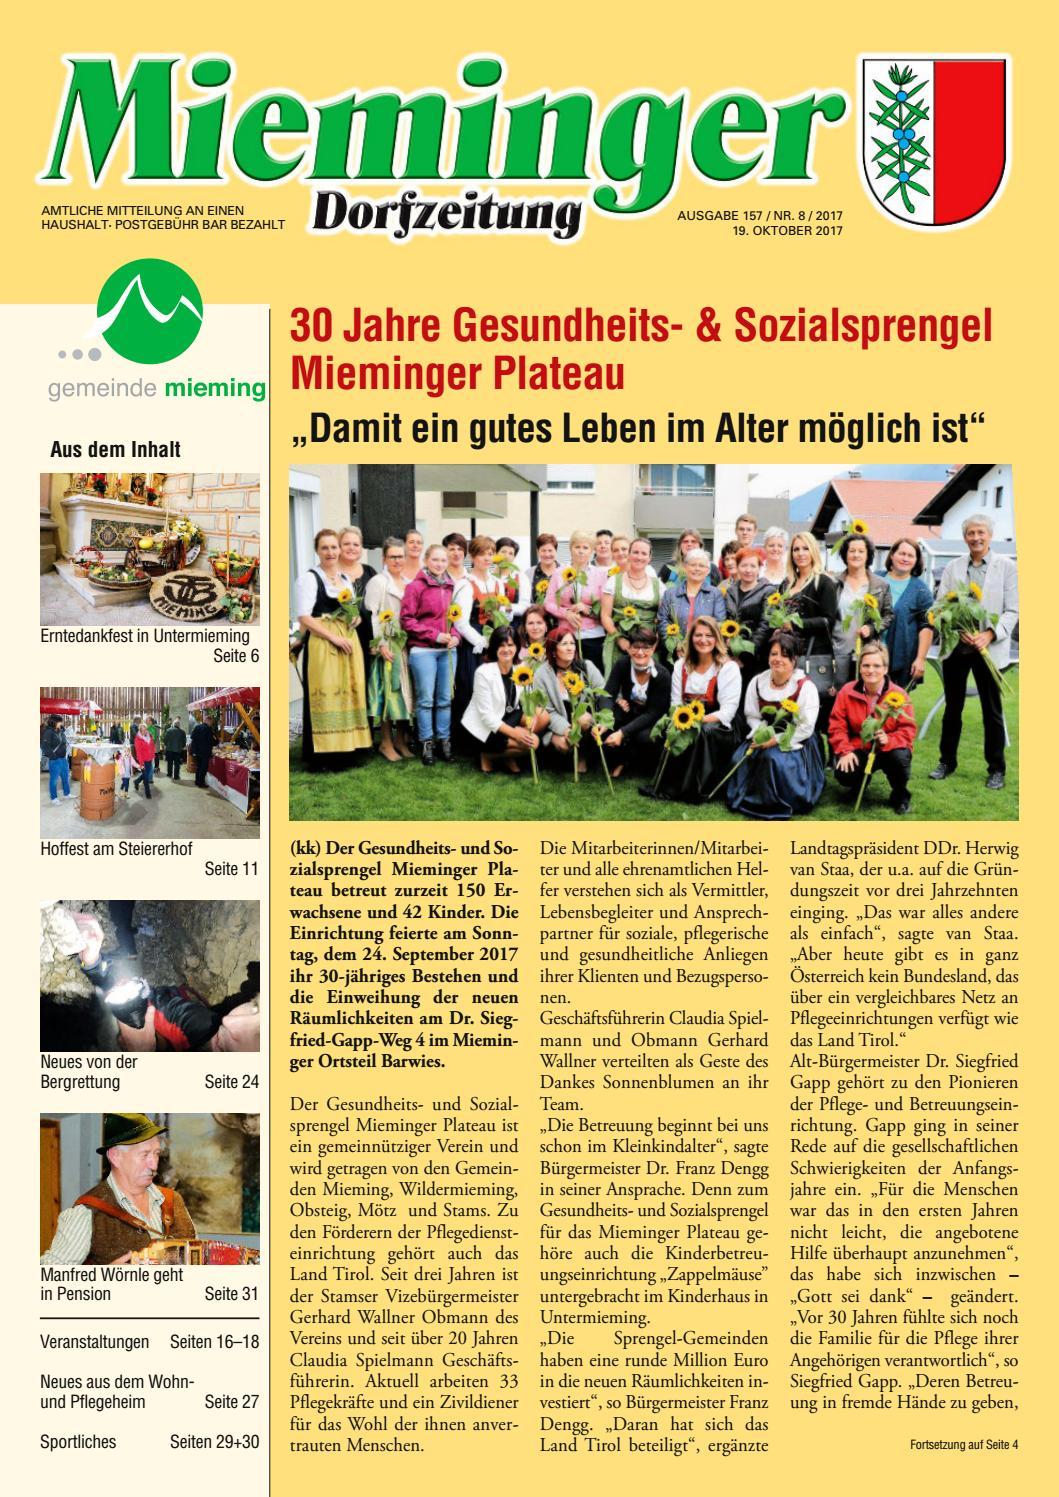 Kematen in tirol frau treffen - Absdorf single treff